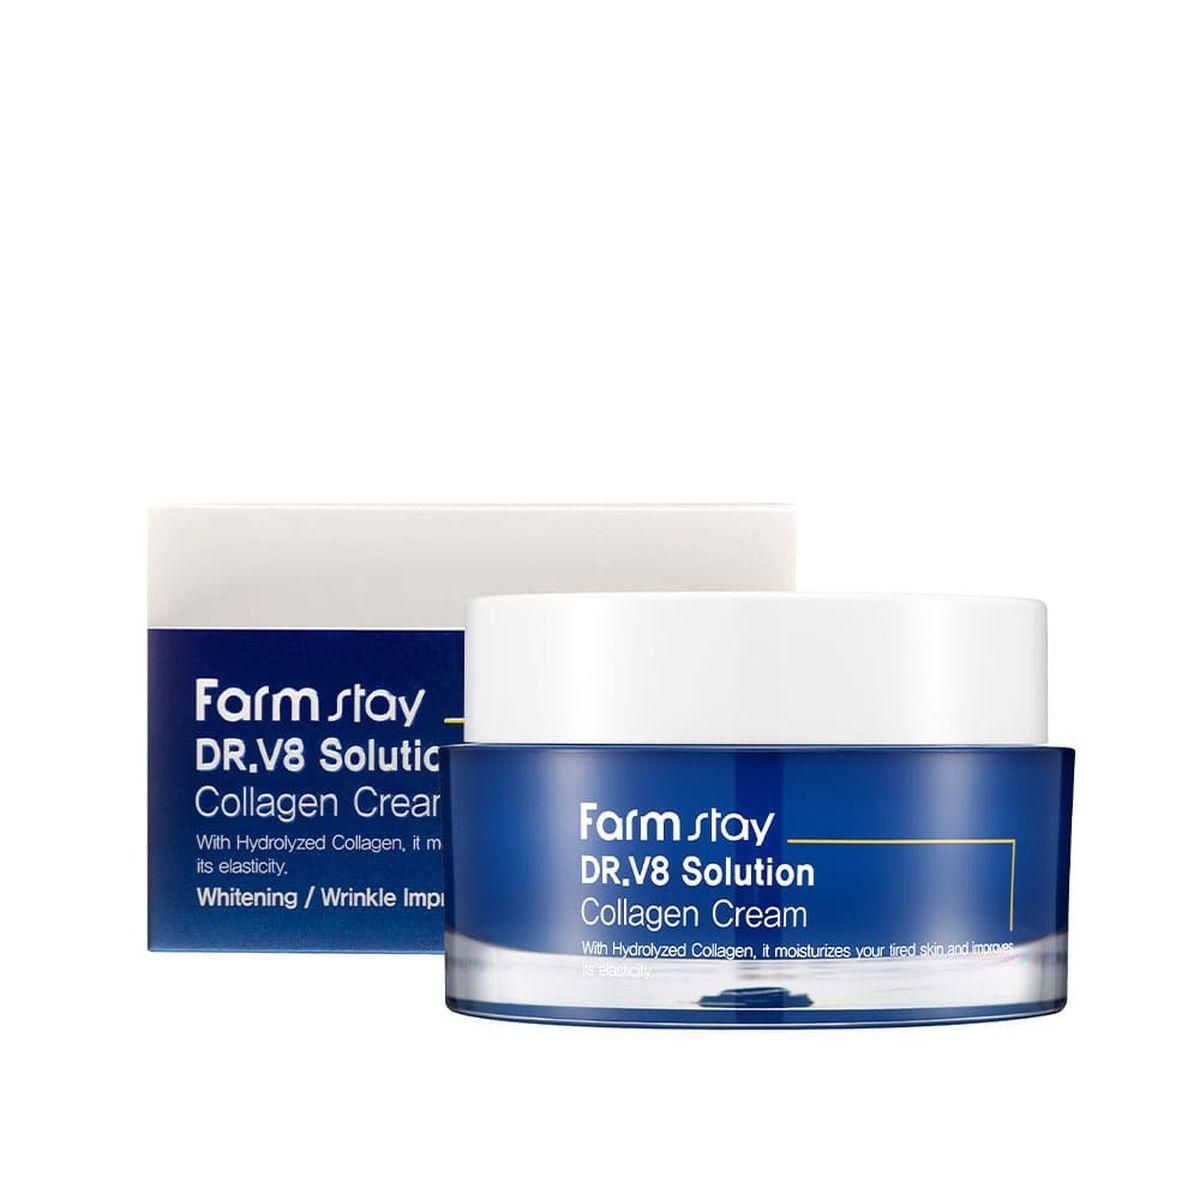 Увлажняющий крем для лица с коллагеном FARMSTAY Dr.V8 Solution Collagen Cream - 50 мл